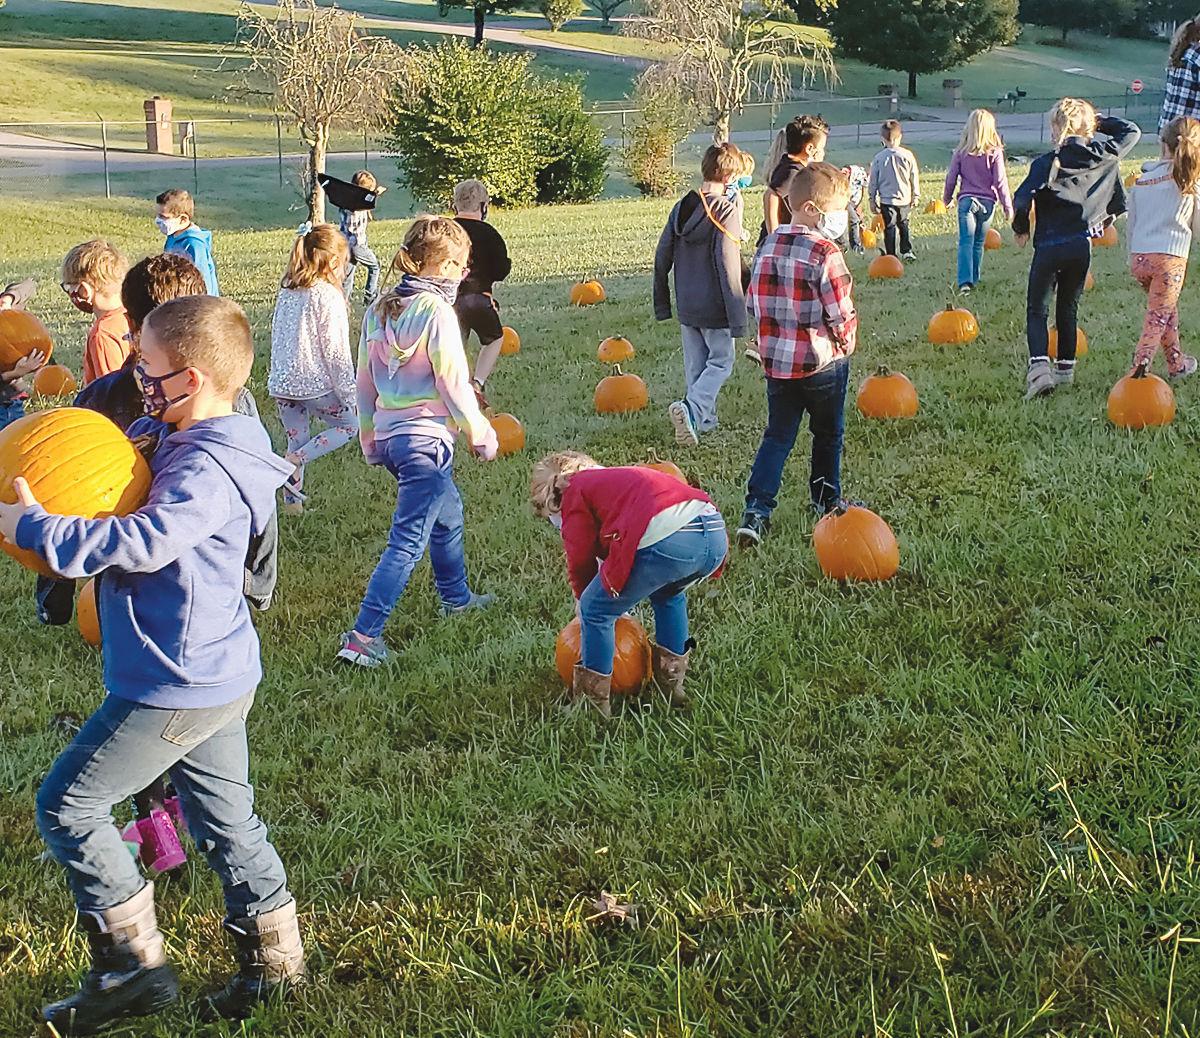 Pumpkin patch at Middlesettlements Elementary School